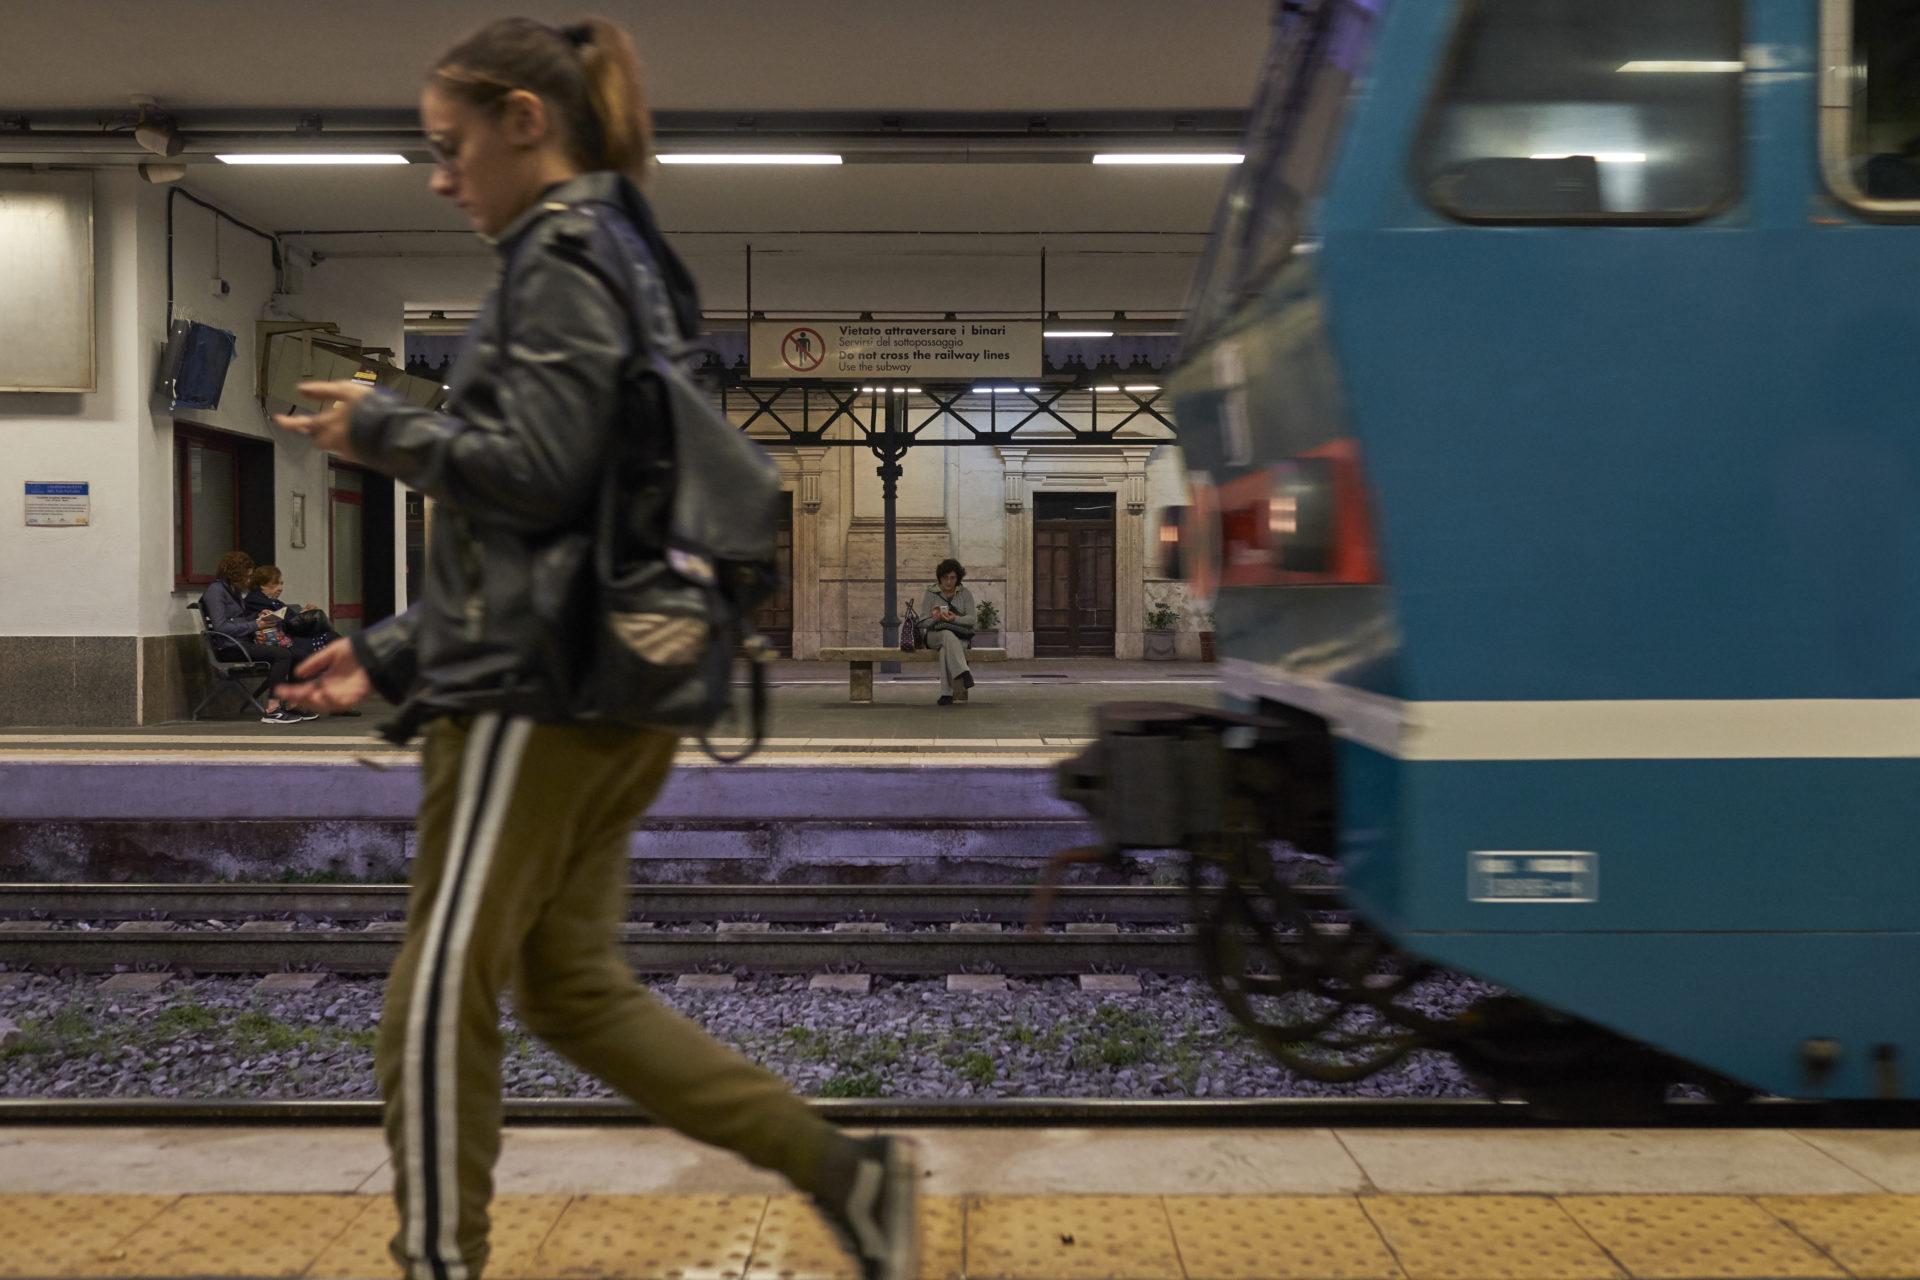 Il treno non passa una sola volta #659